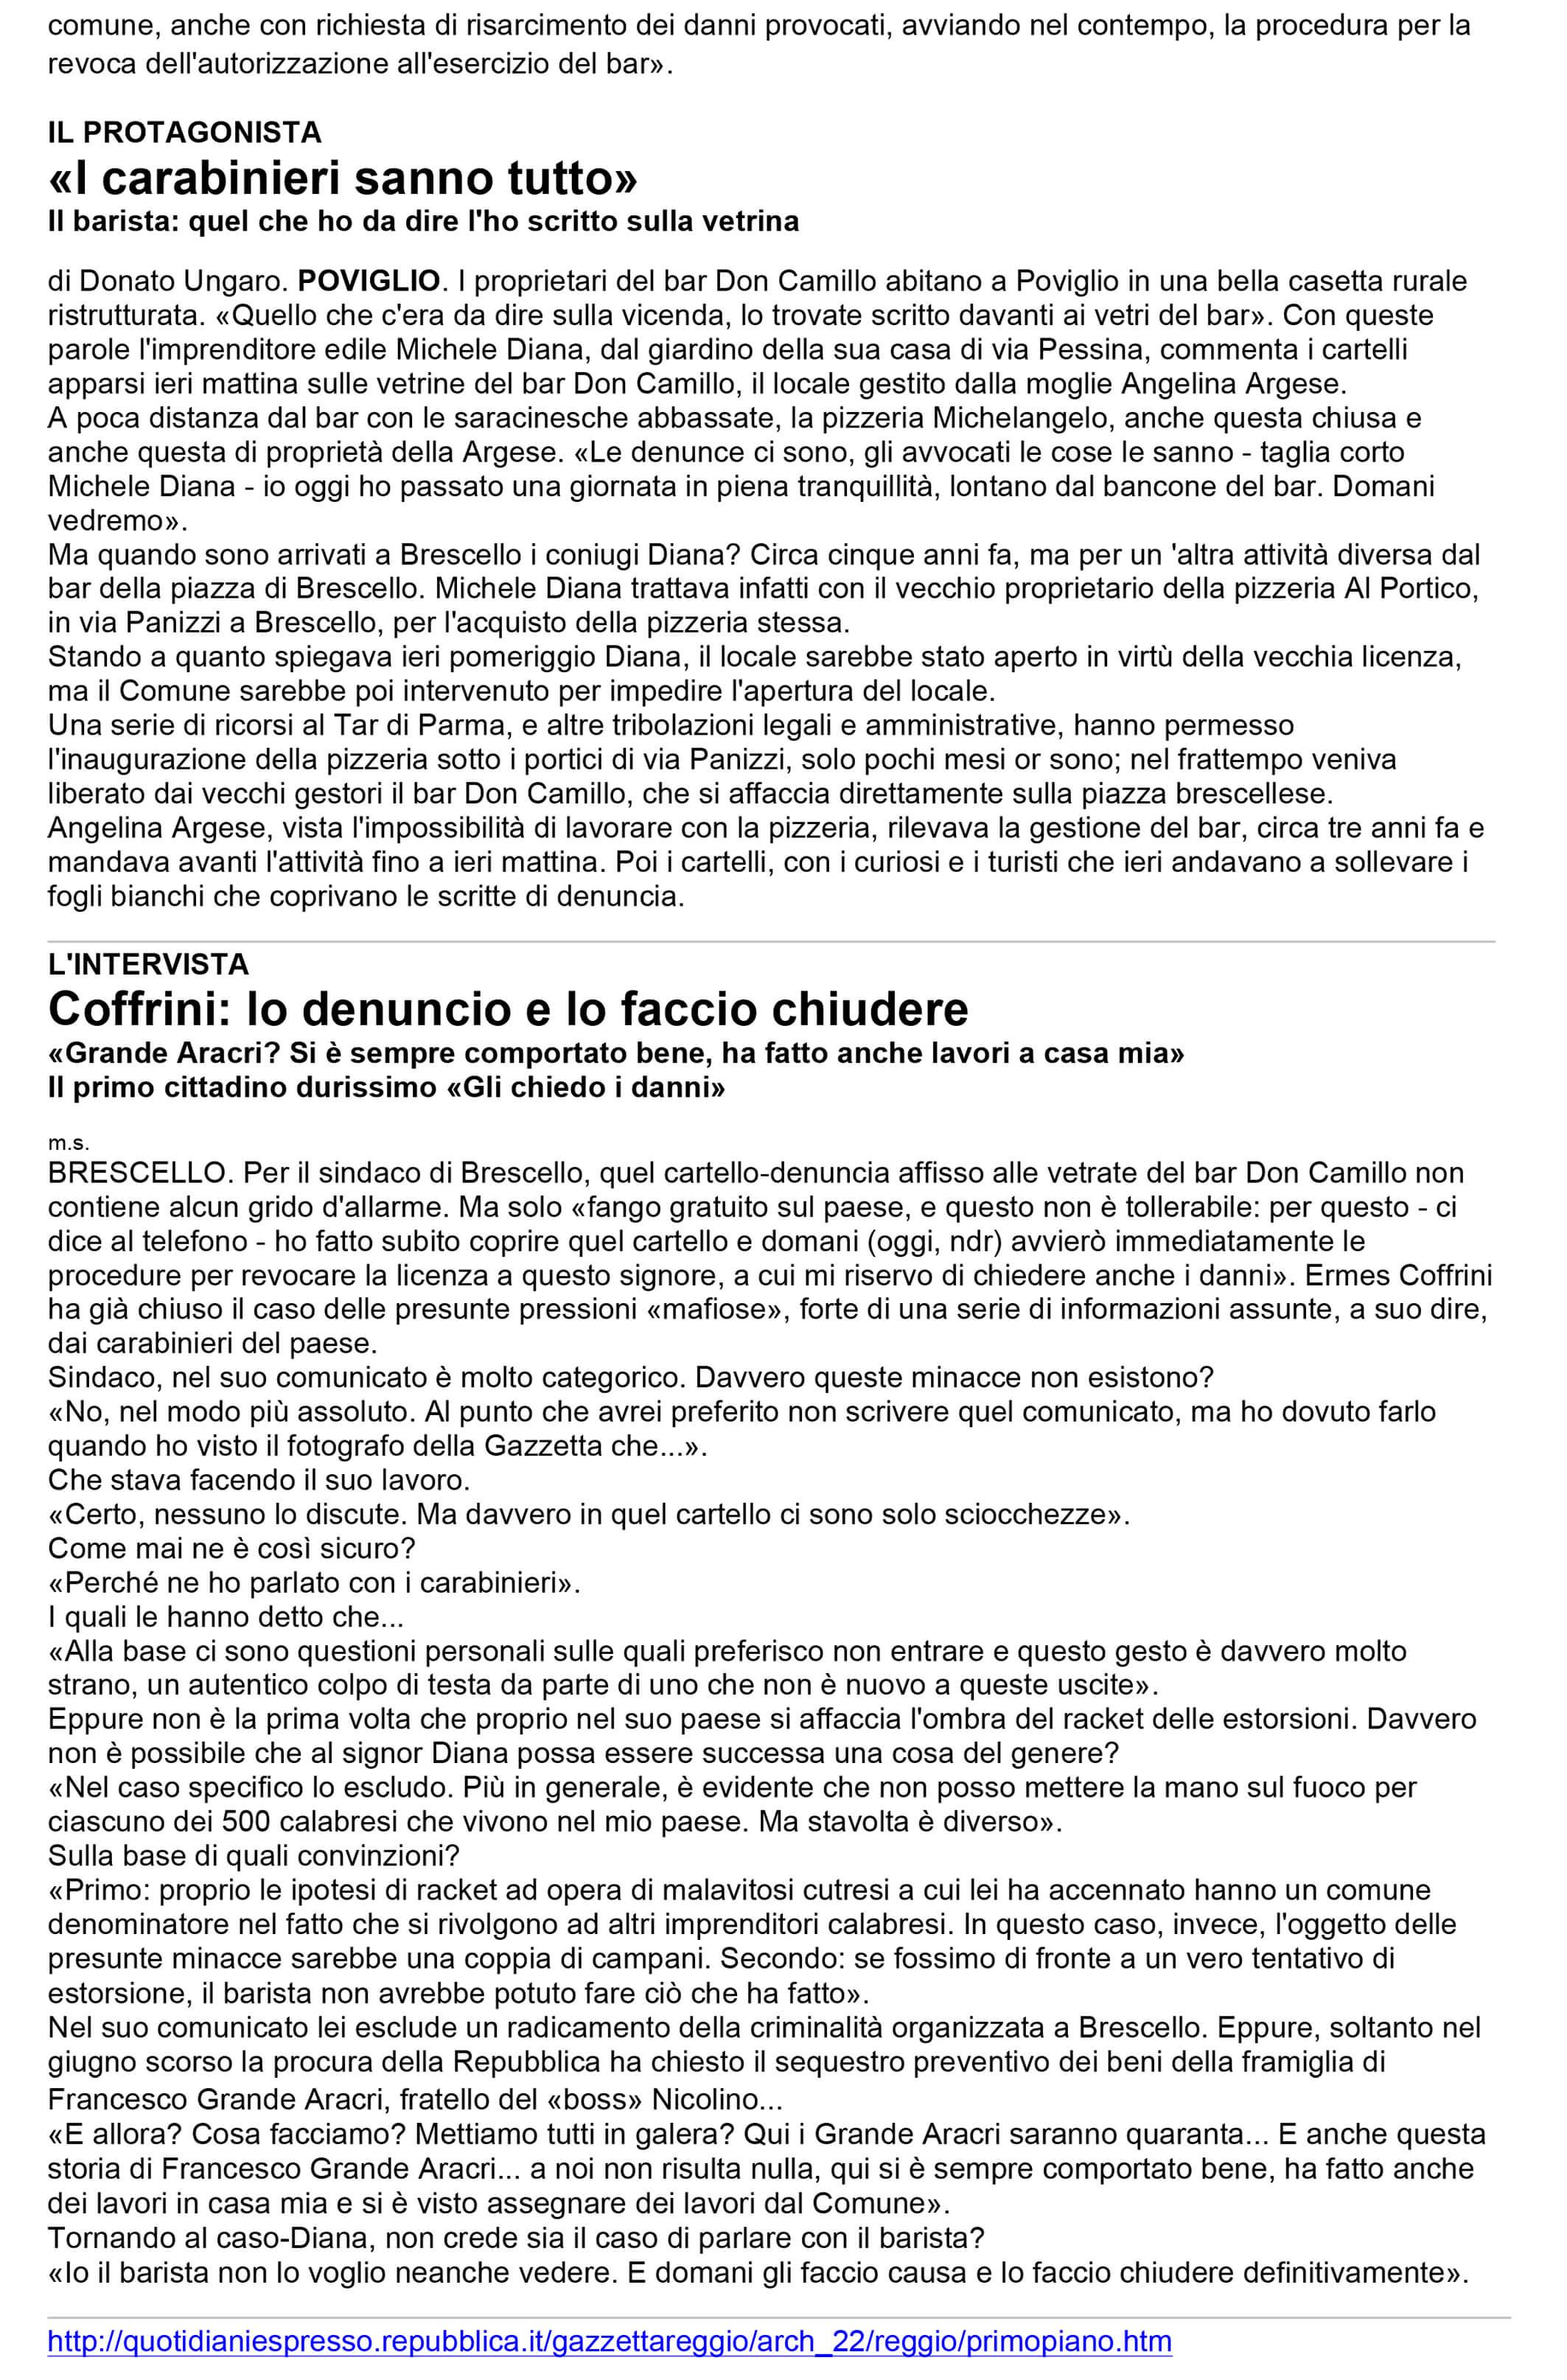 22_9_2003_chiusomafia-3